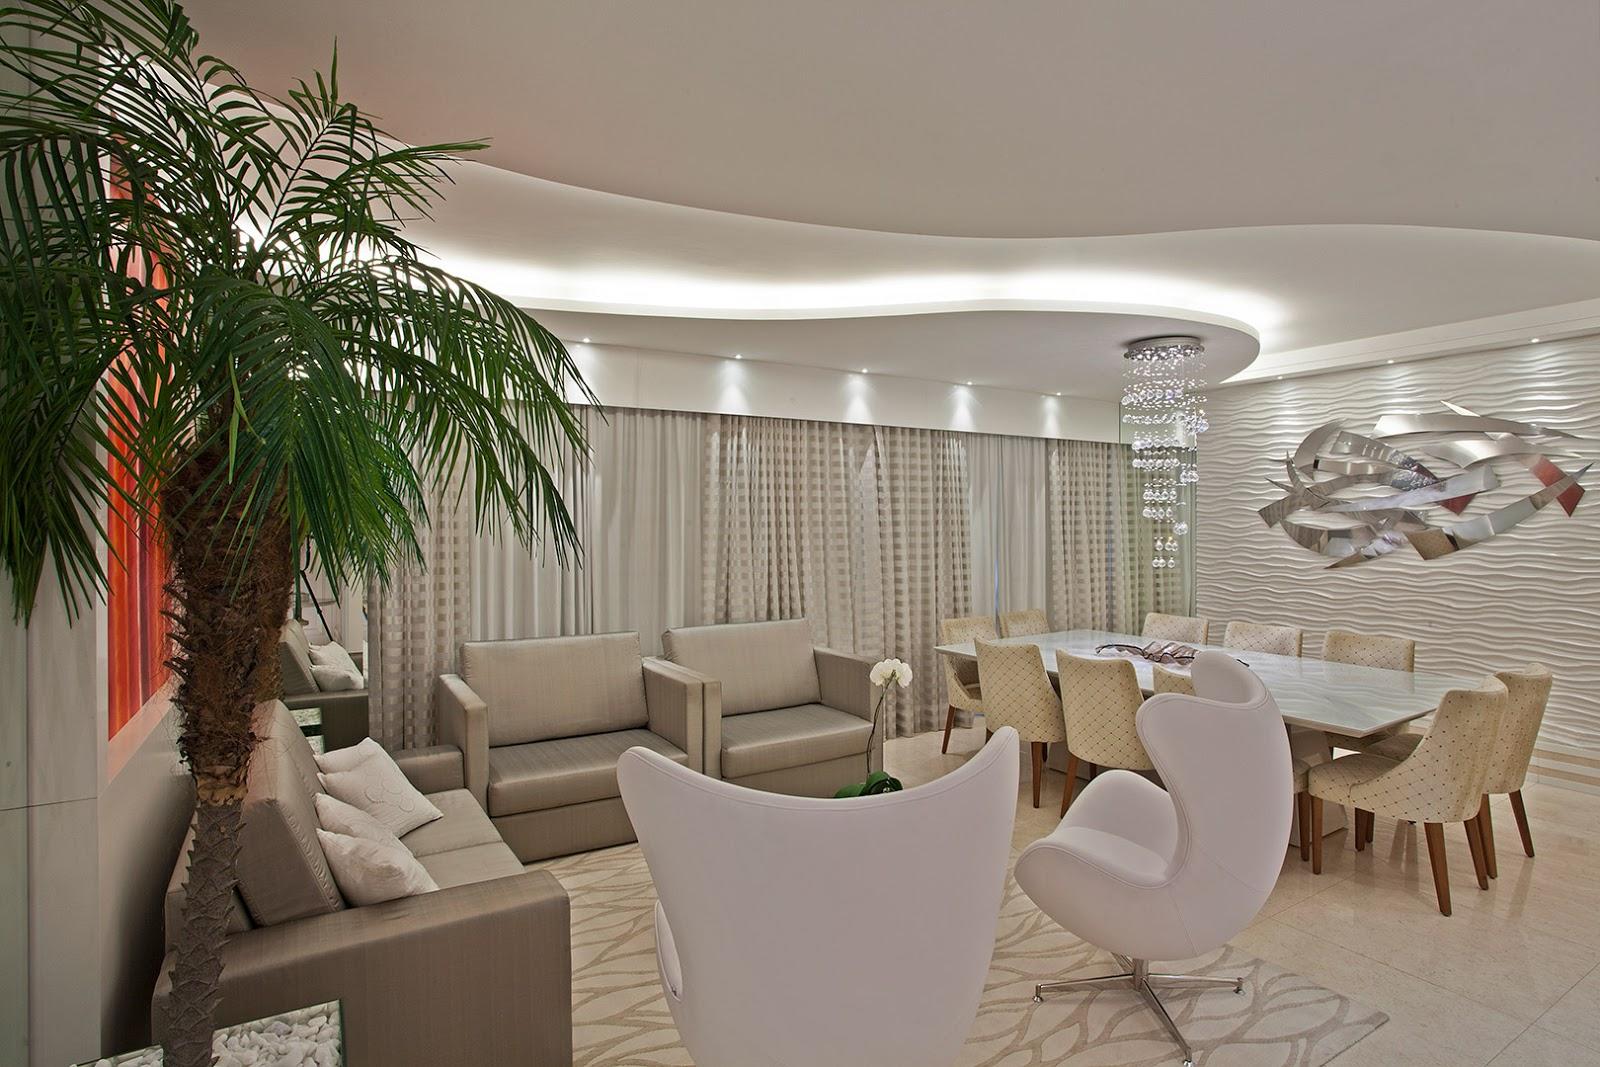 Sala De Jantar Iara Kilaris ~ Ideia do pendente de cristal e das poltronas para sala de estar!